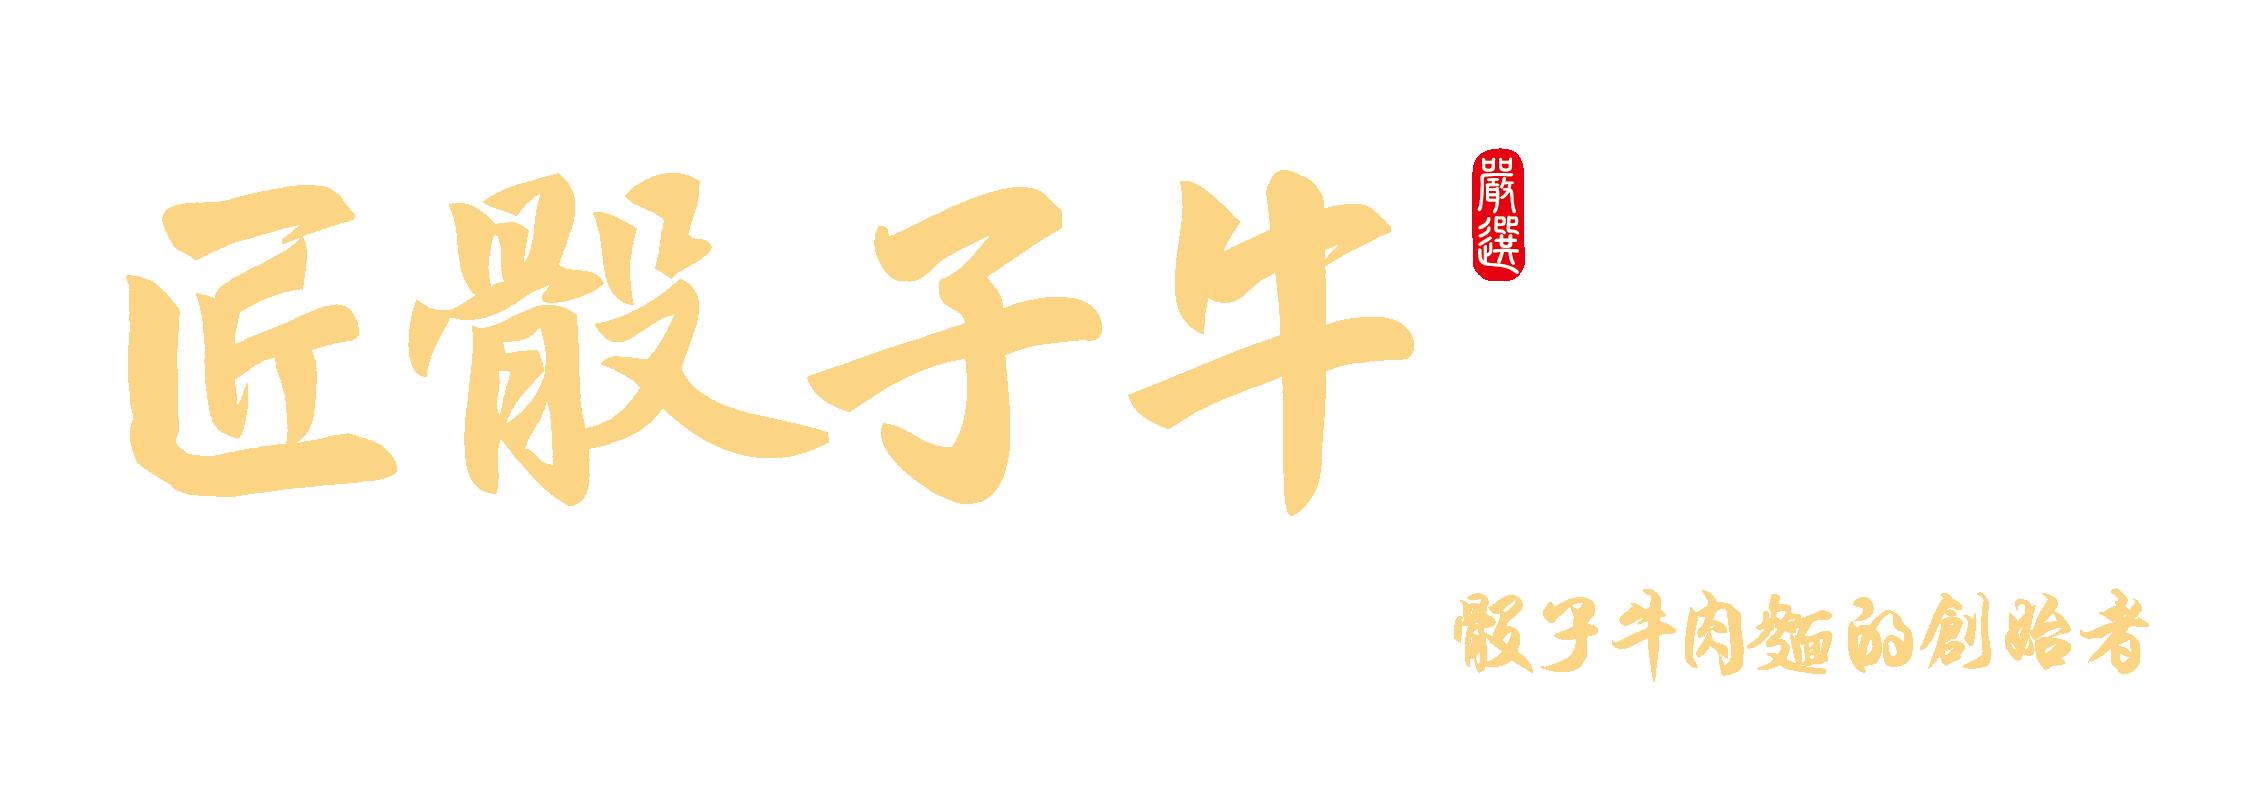 匠骰子牛牛肉麵logo